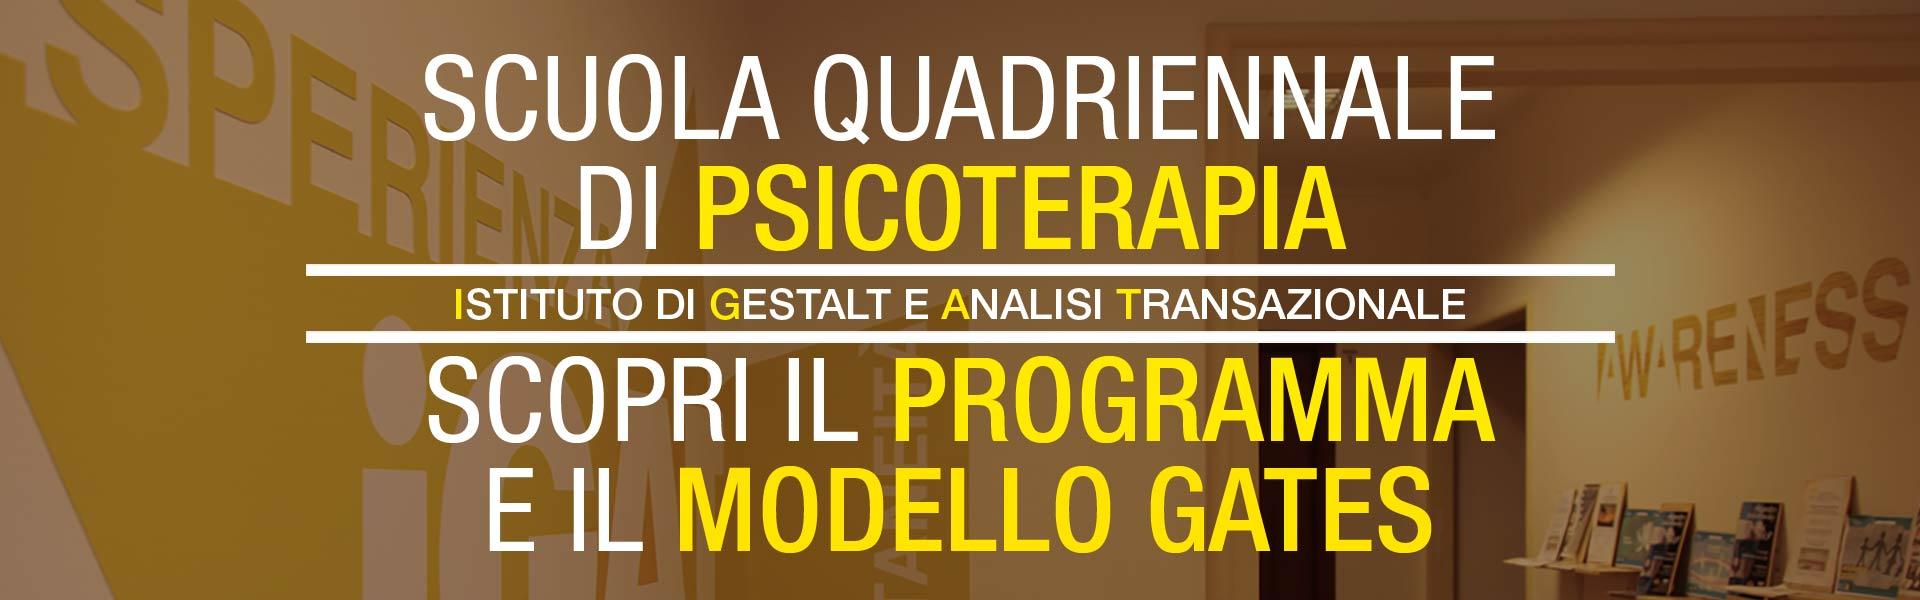 Scuola di Psicoterapia IGAT Istituto di Gestalt e Analisi Transazionale